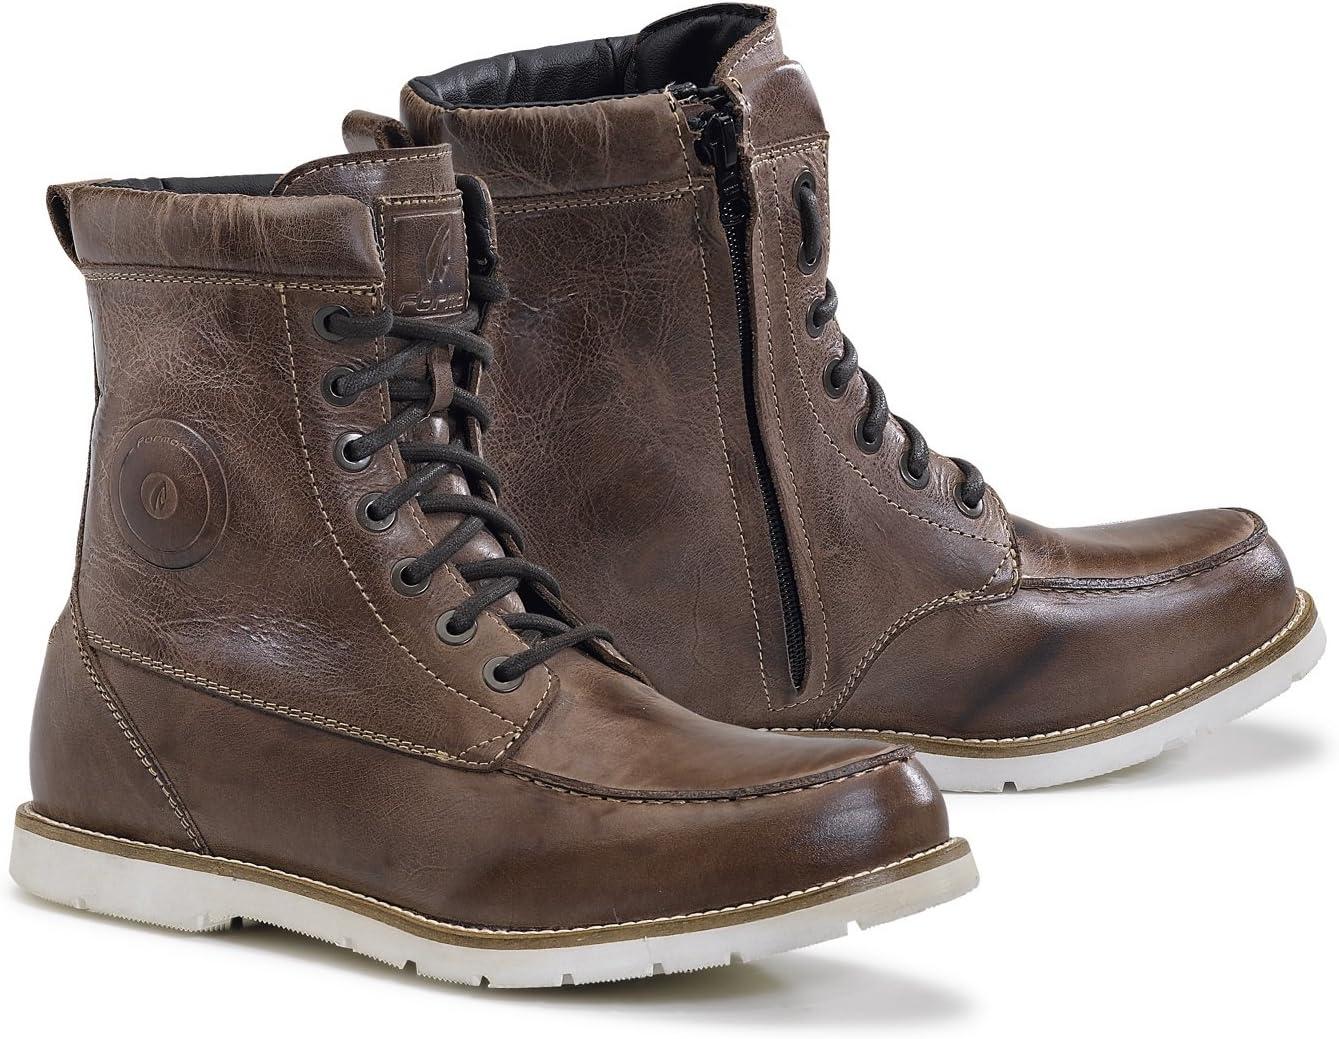 Marron Forma FORU08W-2447 Chaussure Moto Naxos WP Homologu/ée CE Taille 47